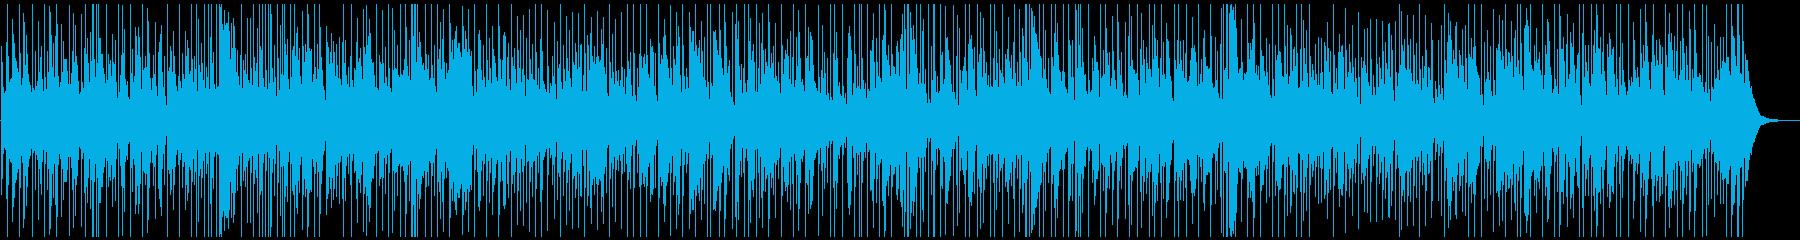 陽だまりのとき:ほのぼのとしたBGMの再生済みの波形